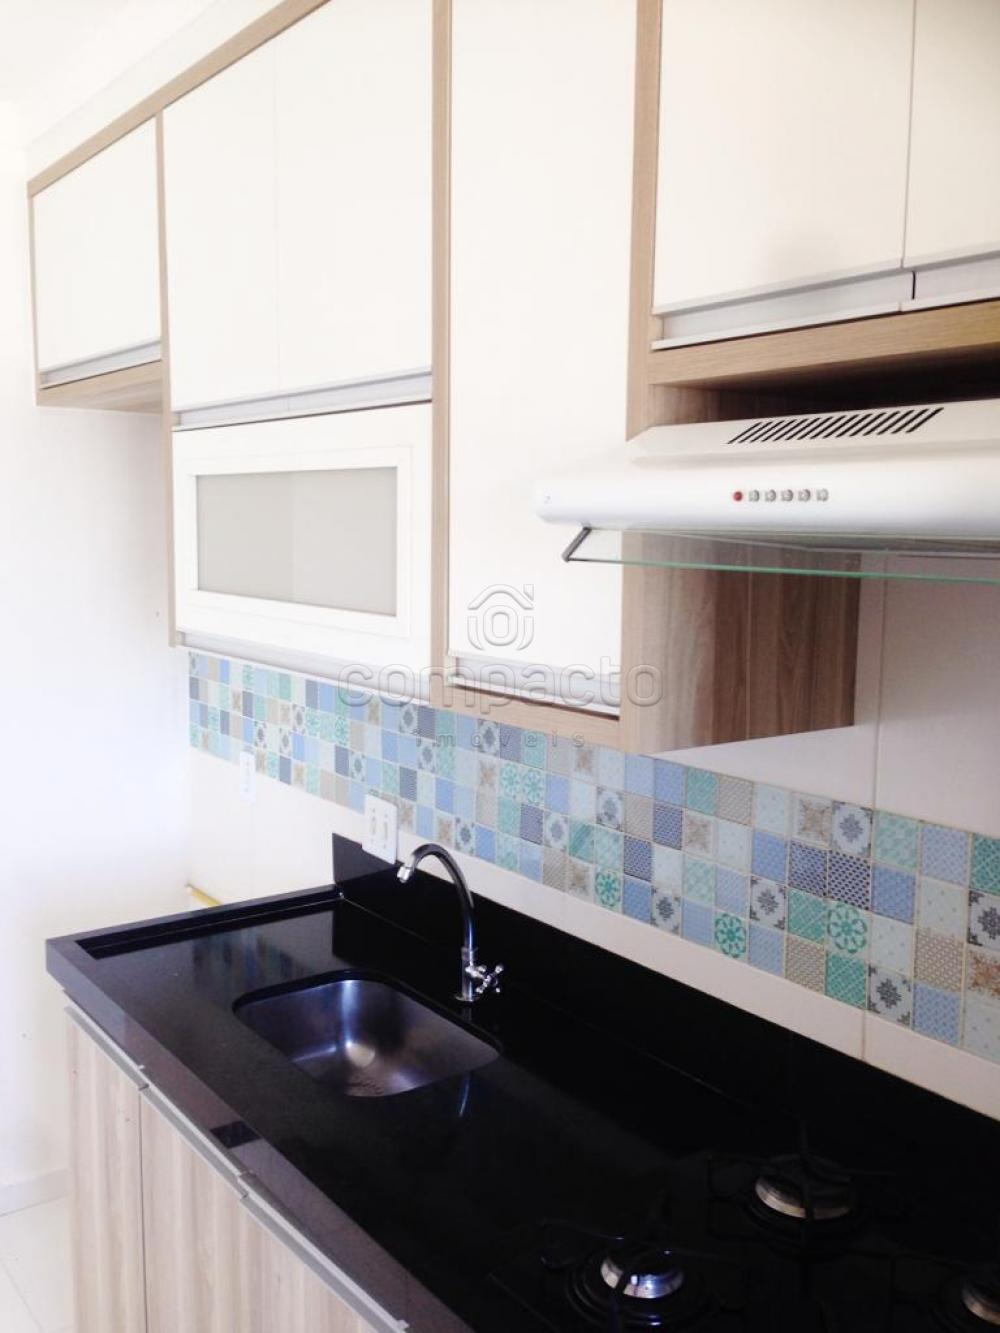 Comprar Apartamento / Padrão em São José do Rio Preto apenas R$ 240.000,00 - Foto 7